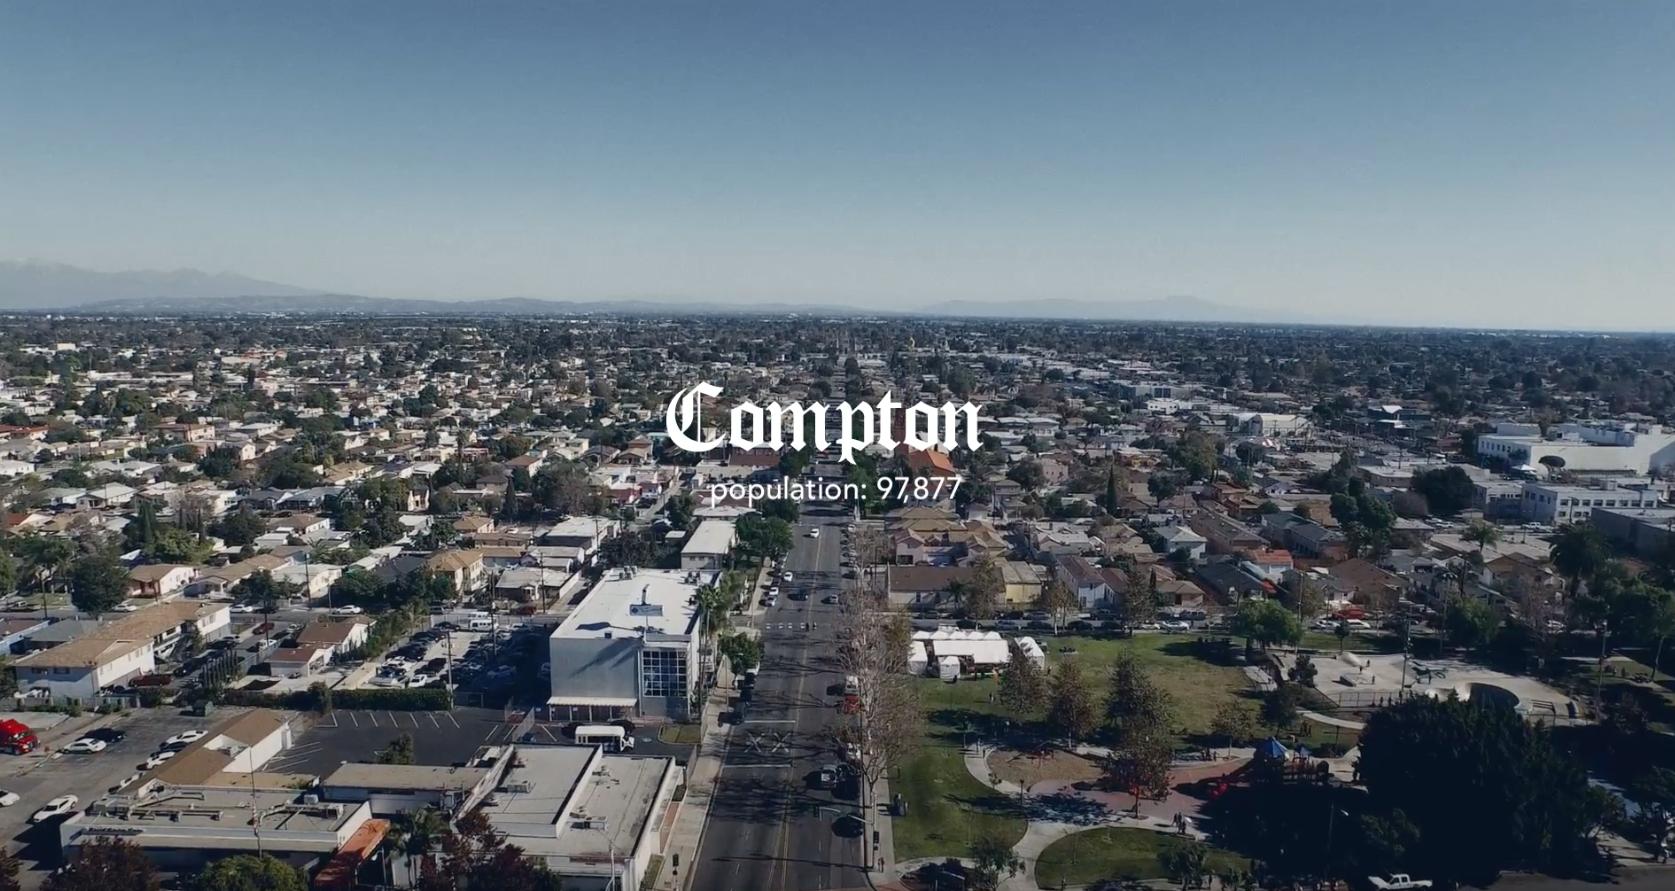 Compton ft. Kendrick Lamar